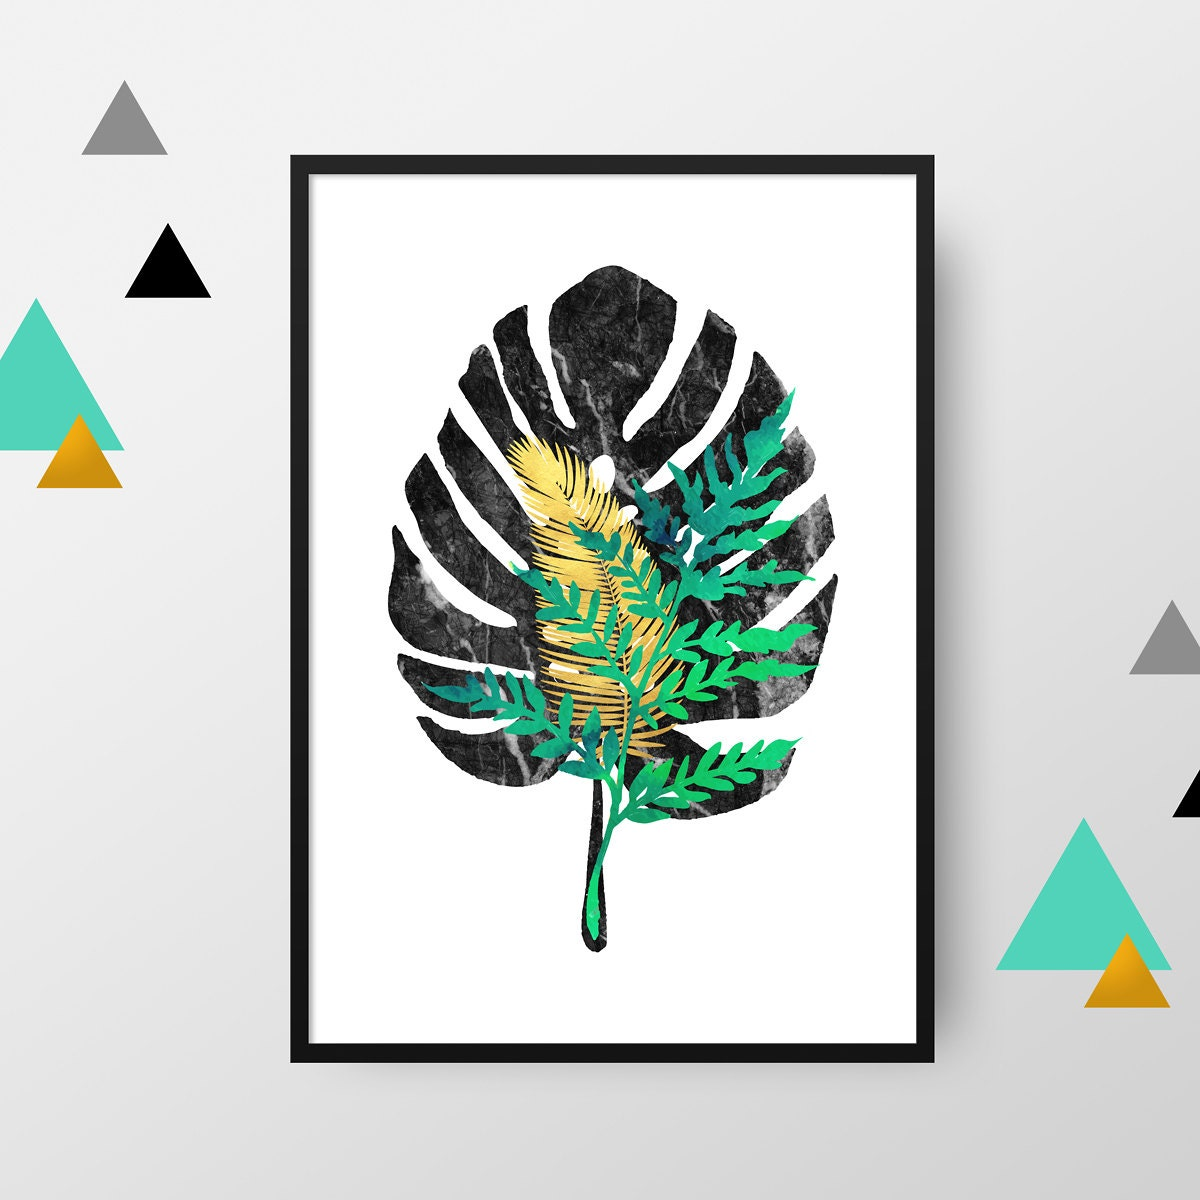 Image du produit Affiche A4 : Feuilles collection Chic (vendue sans cadre)